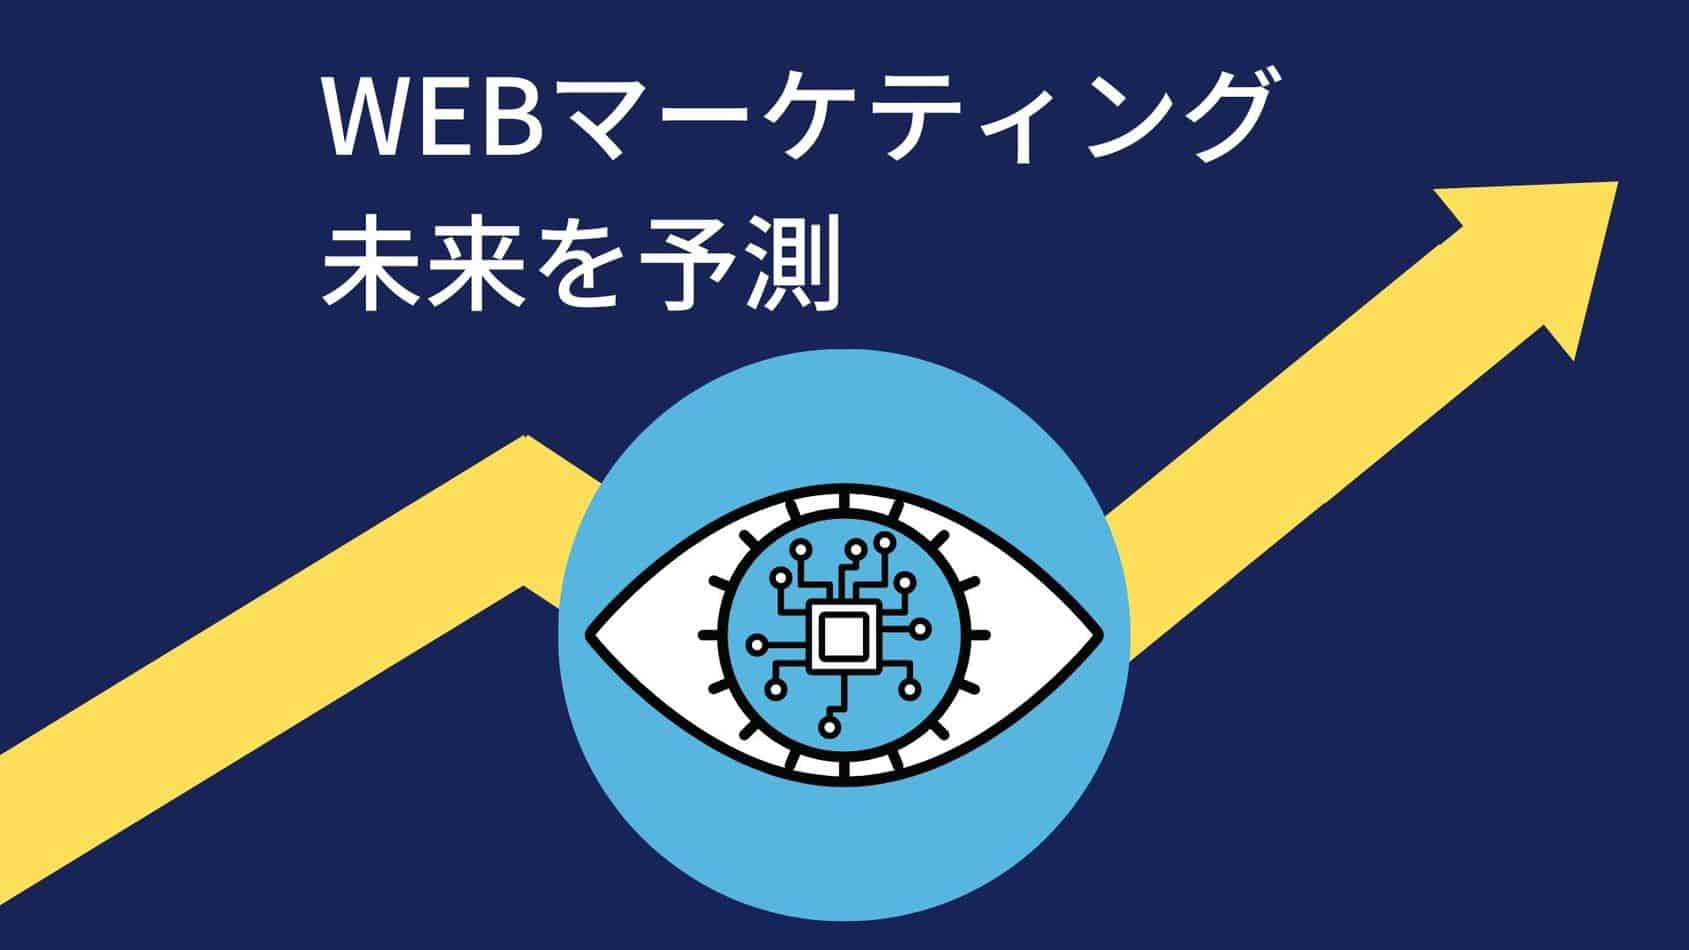 Webマーケティングの未来予測